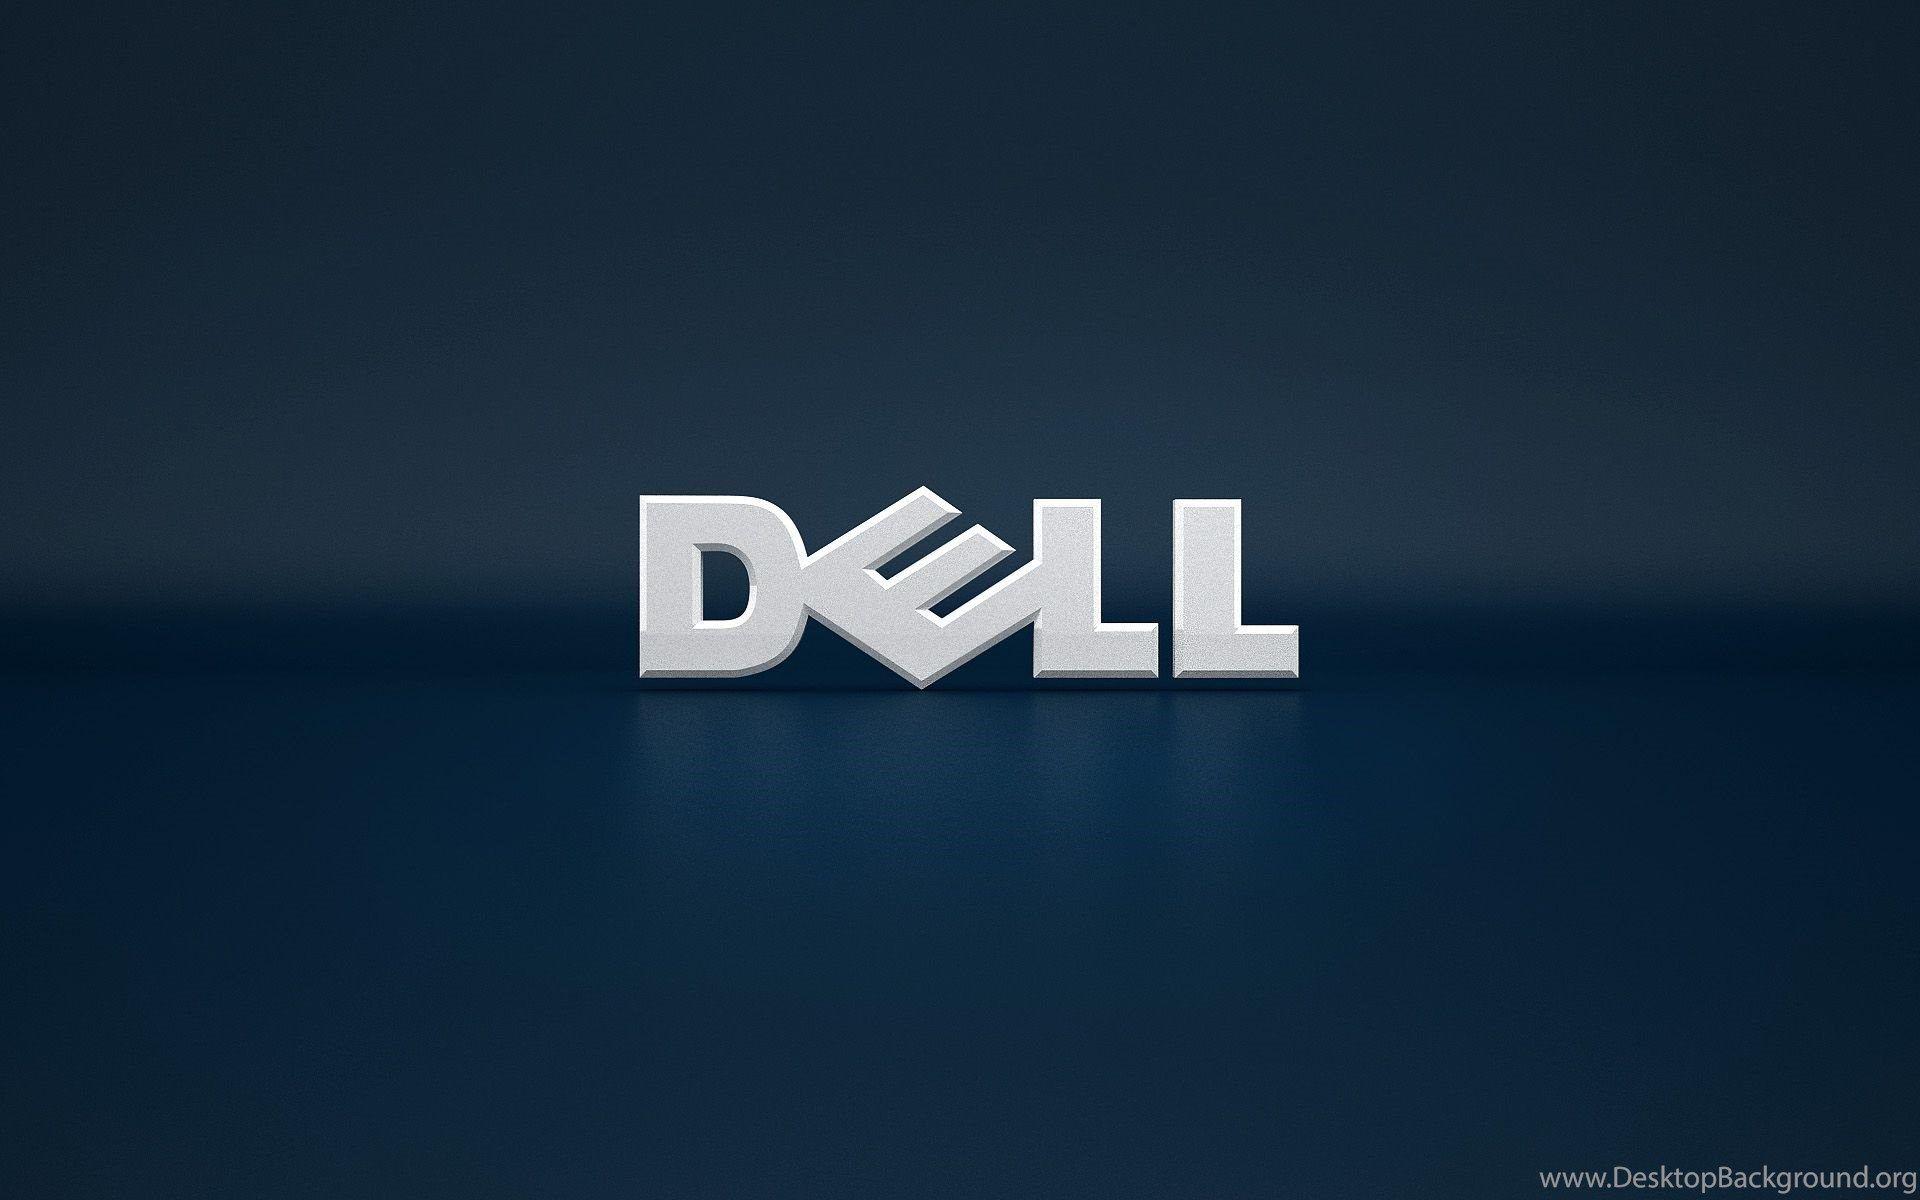 dell wallpaper,text,blue,logo,font,sky